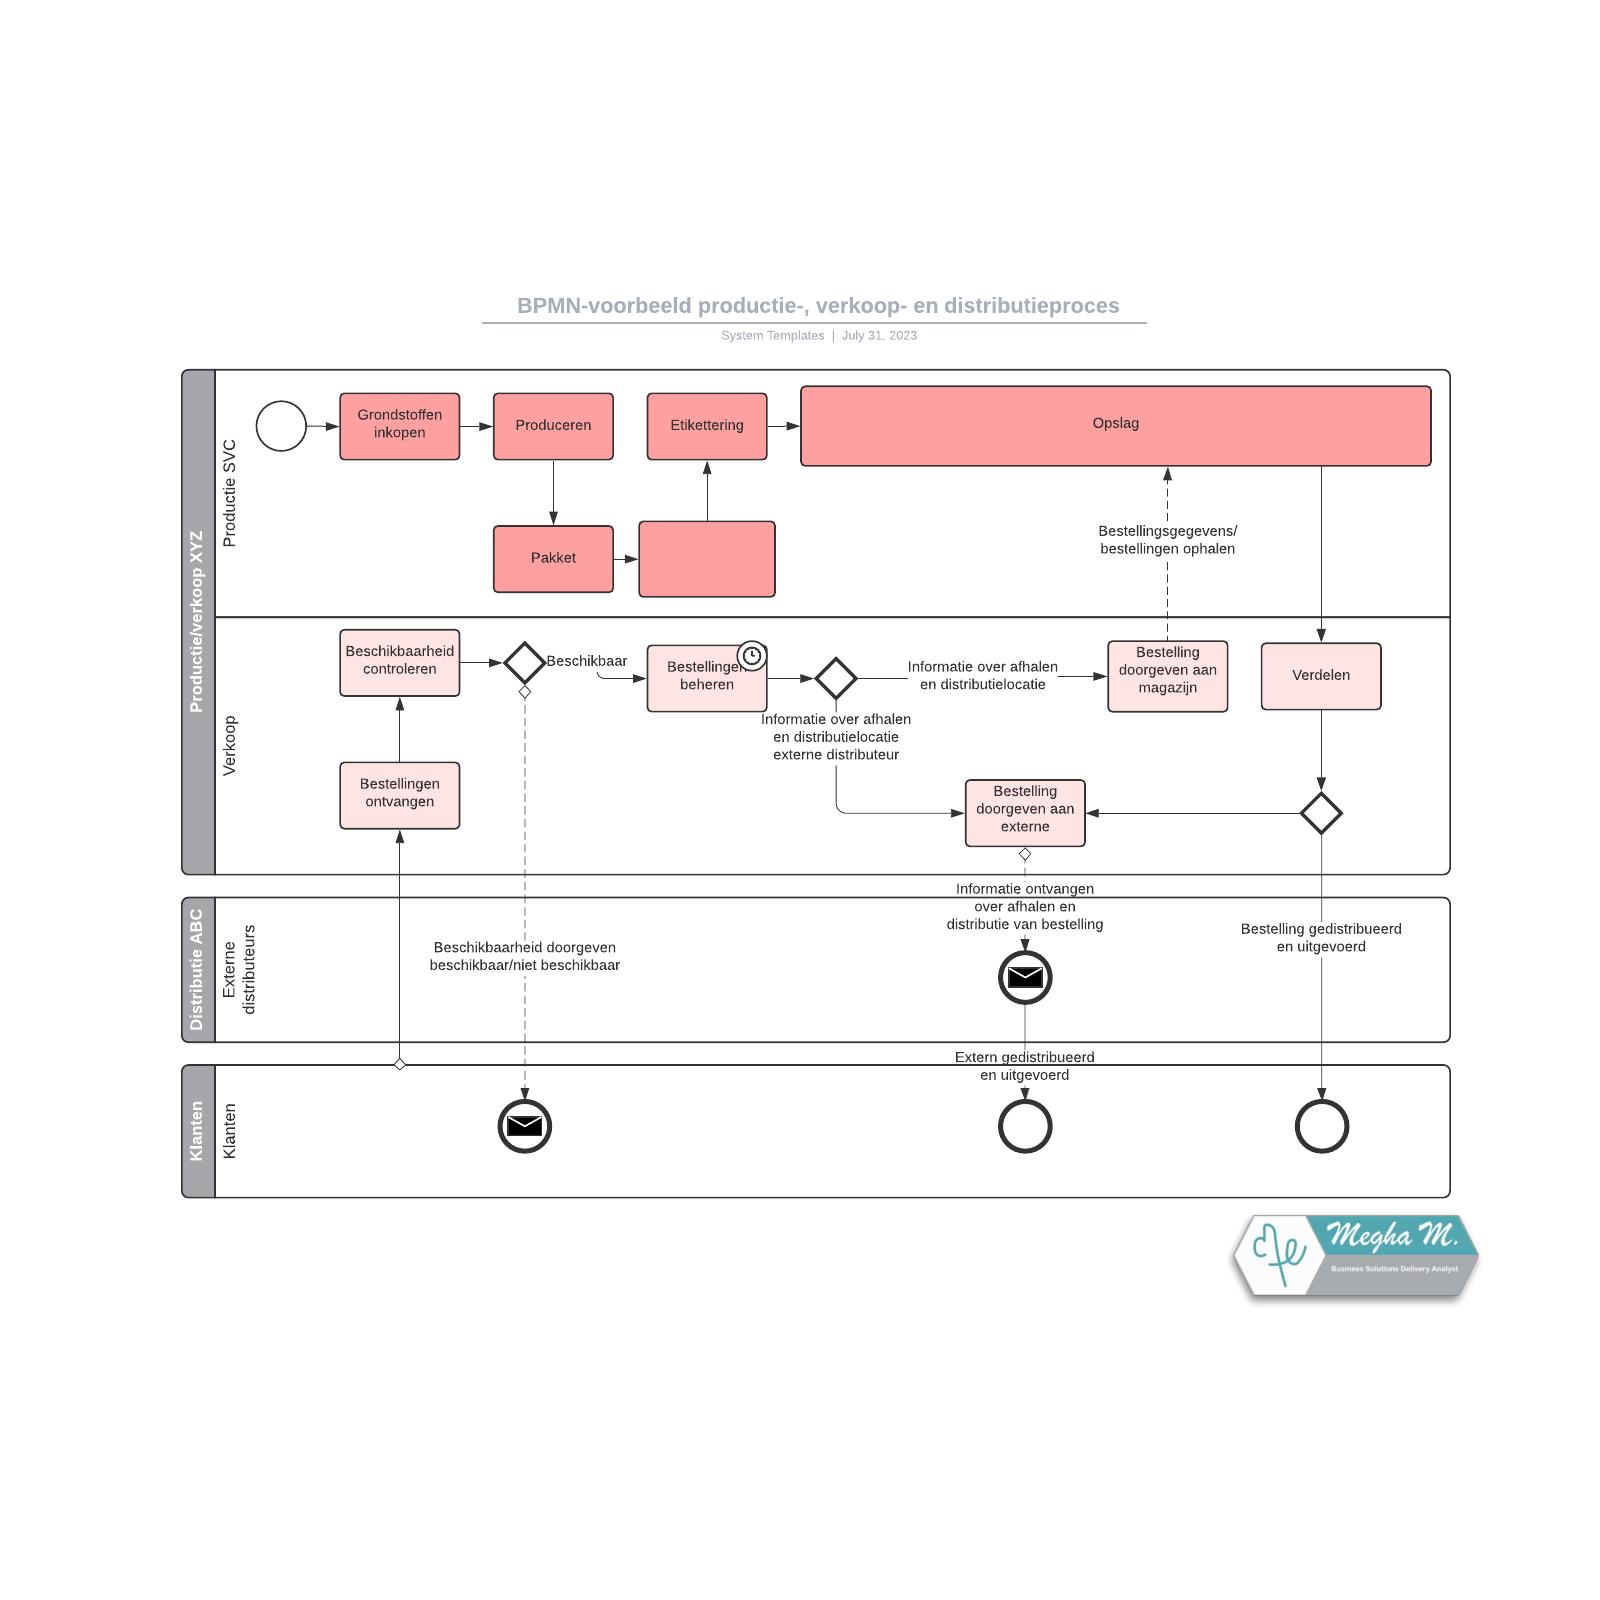 BPMN-voorbeeld productie-, verkoop- en distributieproces